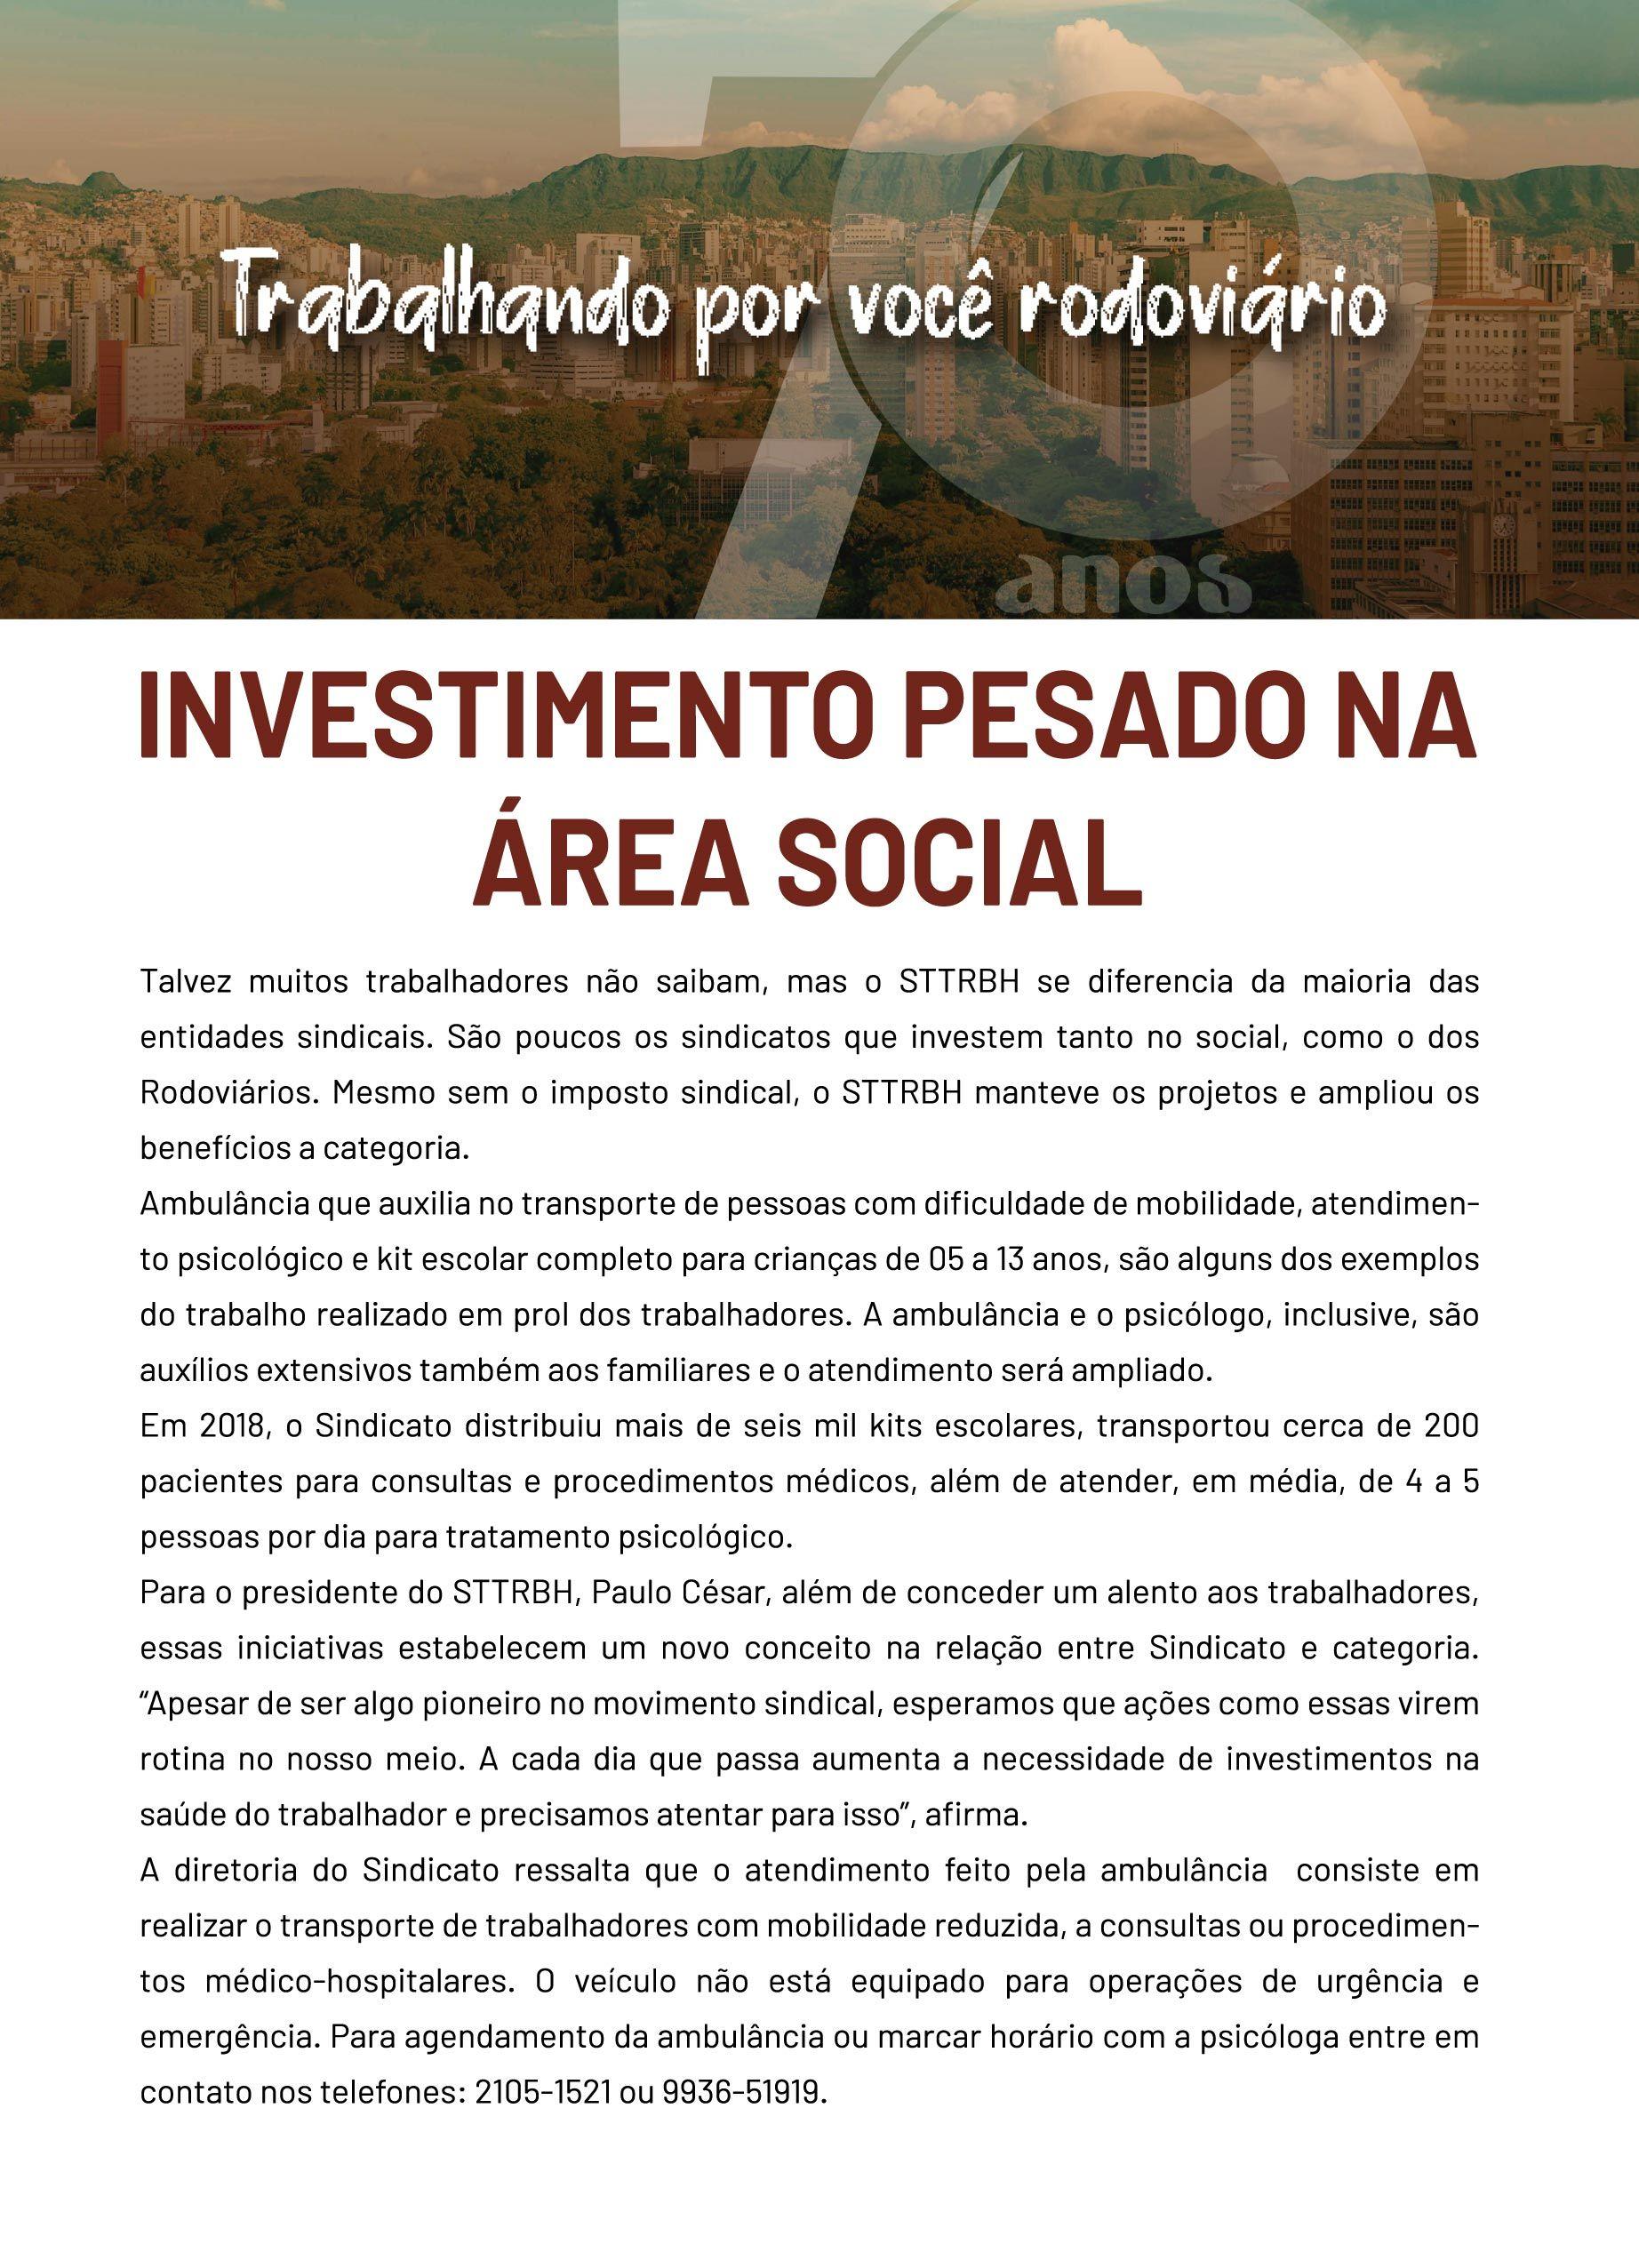 area socia